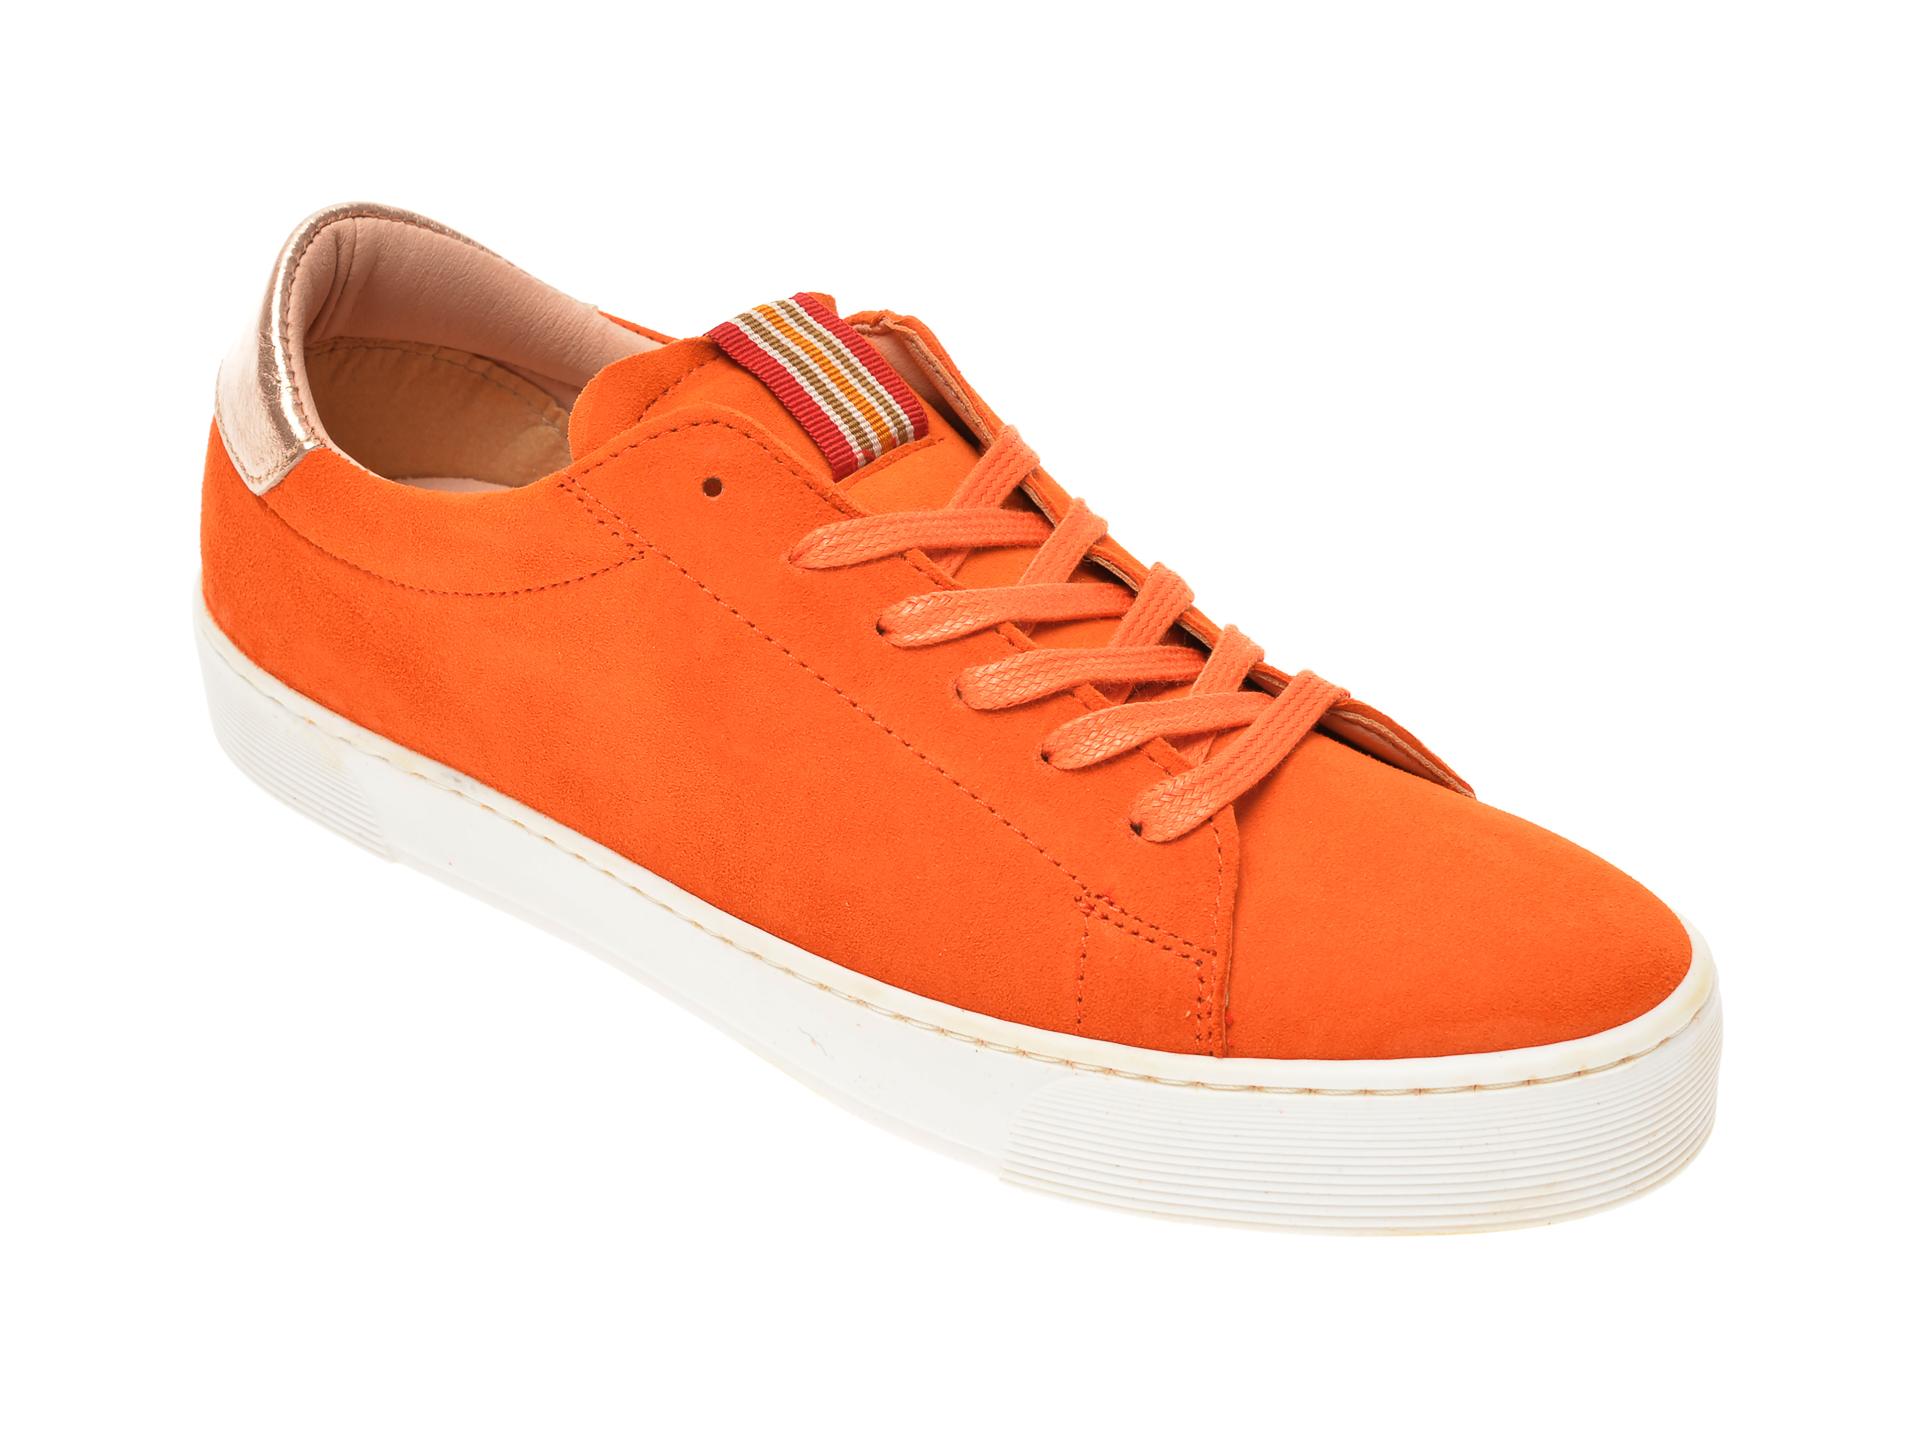 Pantofi SALAMANDER portocalii, 55301, din piele intoarsa imagine